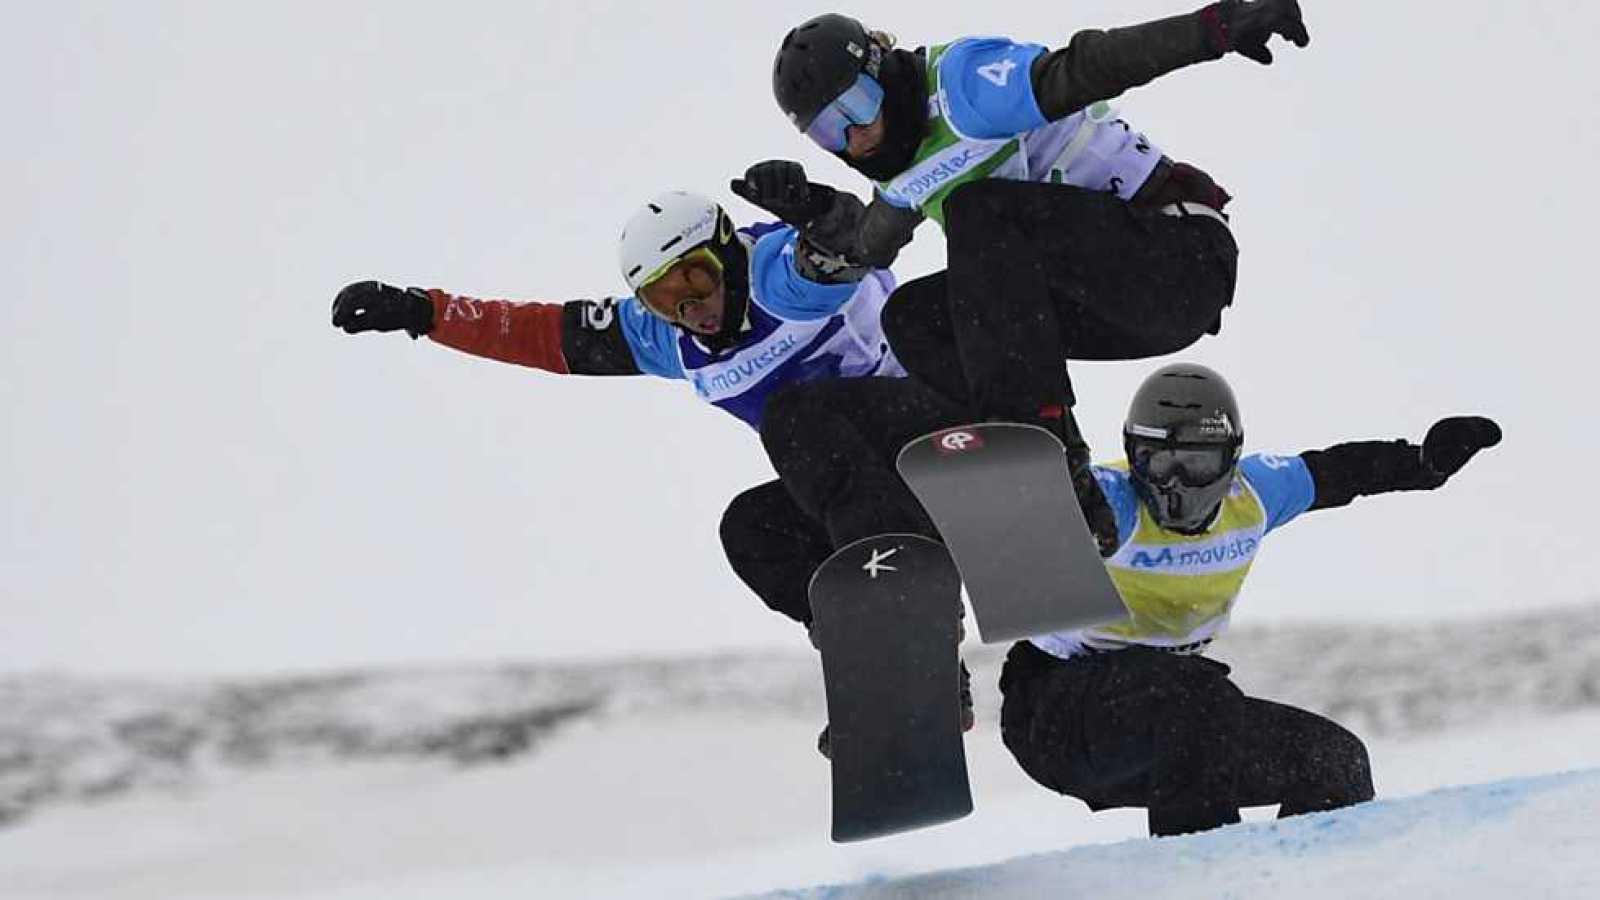 Campeonato del Mundo Snowboard y Freestyle - Snowboard Cross. Finales Equipos - ver ahora